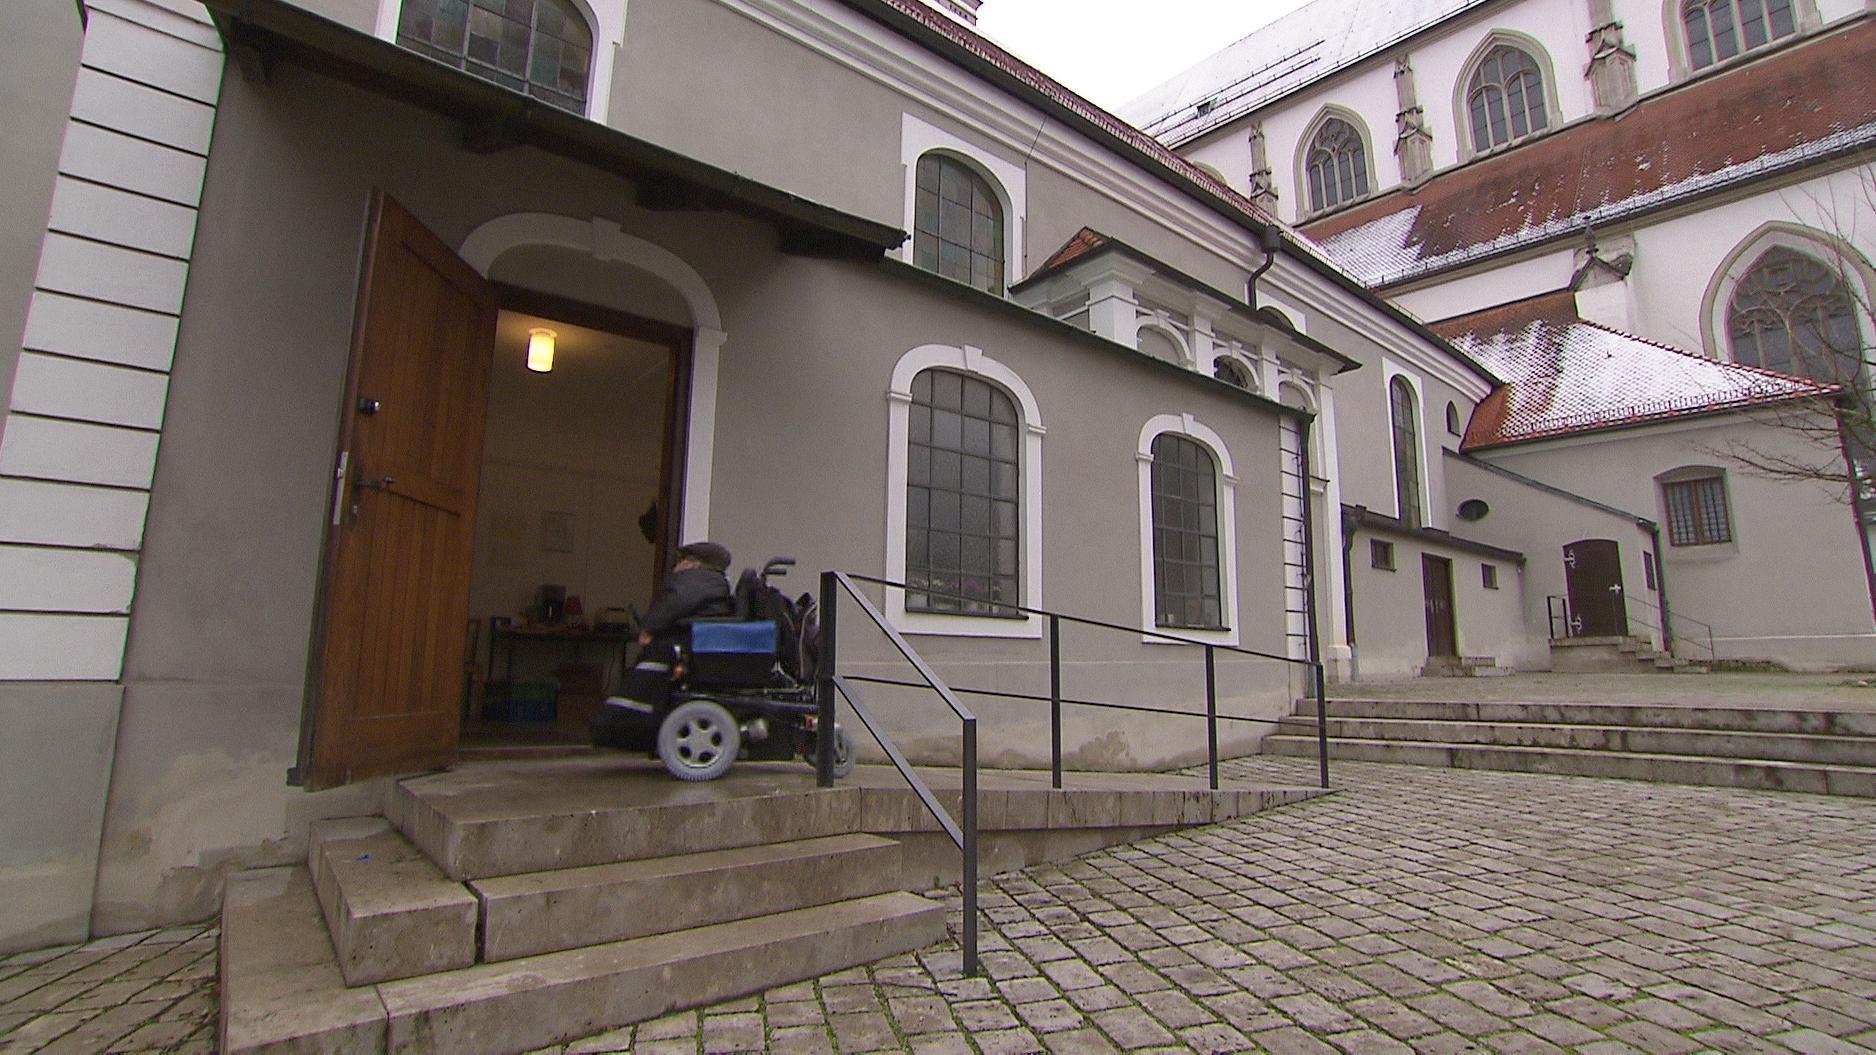 Stadtpfarrkirche Sankt Ulrich in Augsburg - die Rampe für Rollstuhlfahrer endet an einer zu hohen Schwelle.